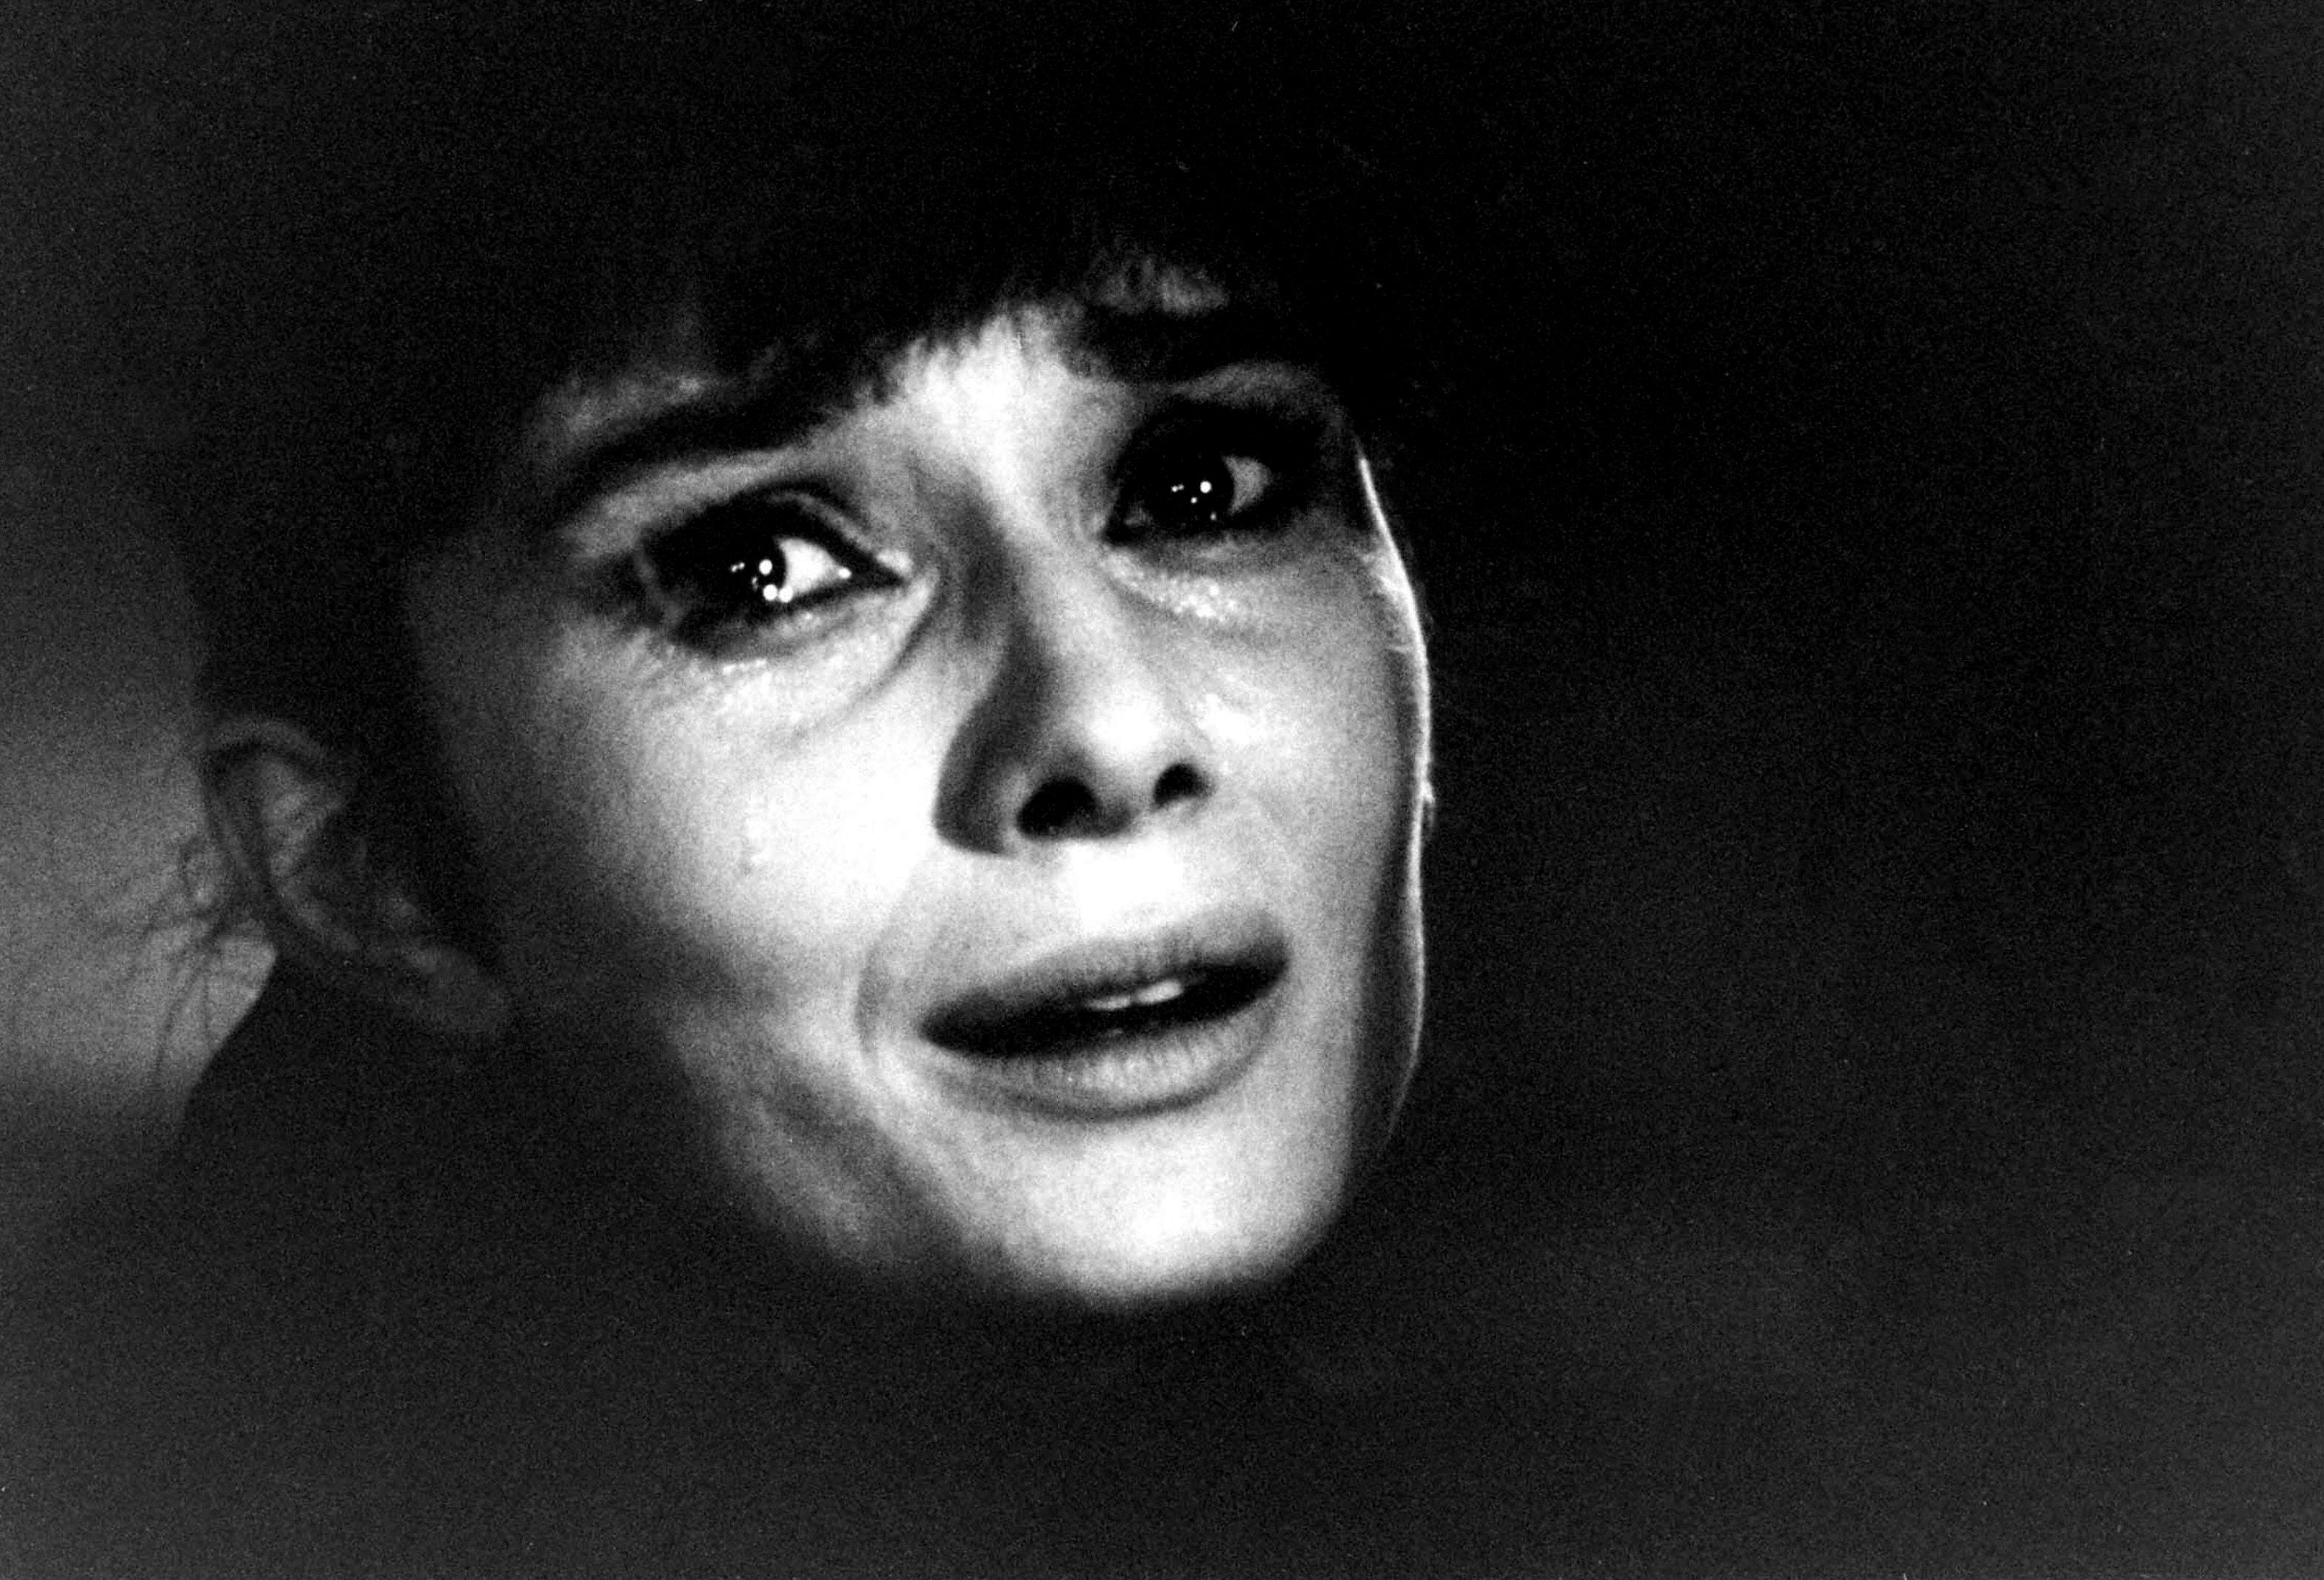 Audrey Hepburn In The Children S Hour 1962 Paraphrase Of